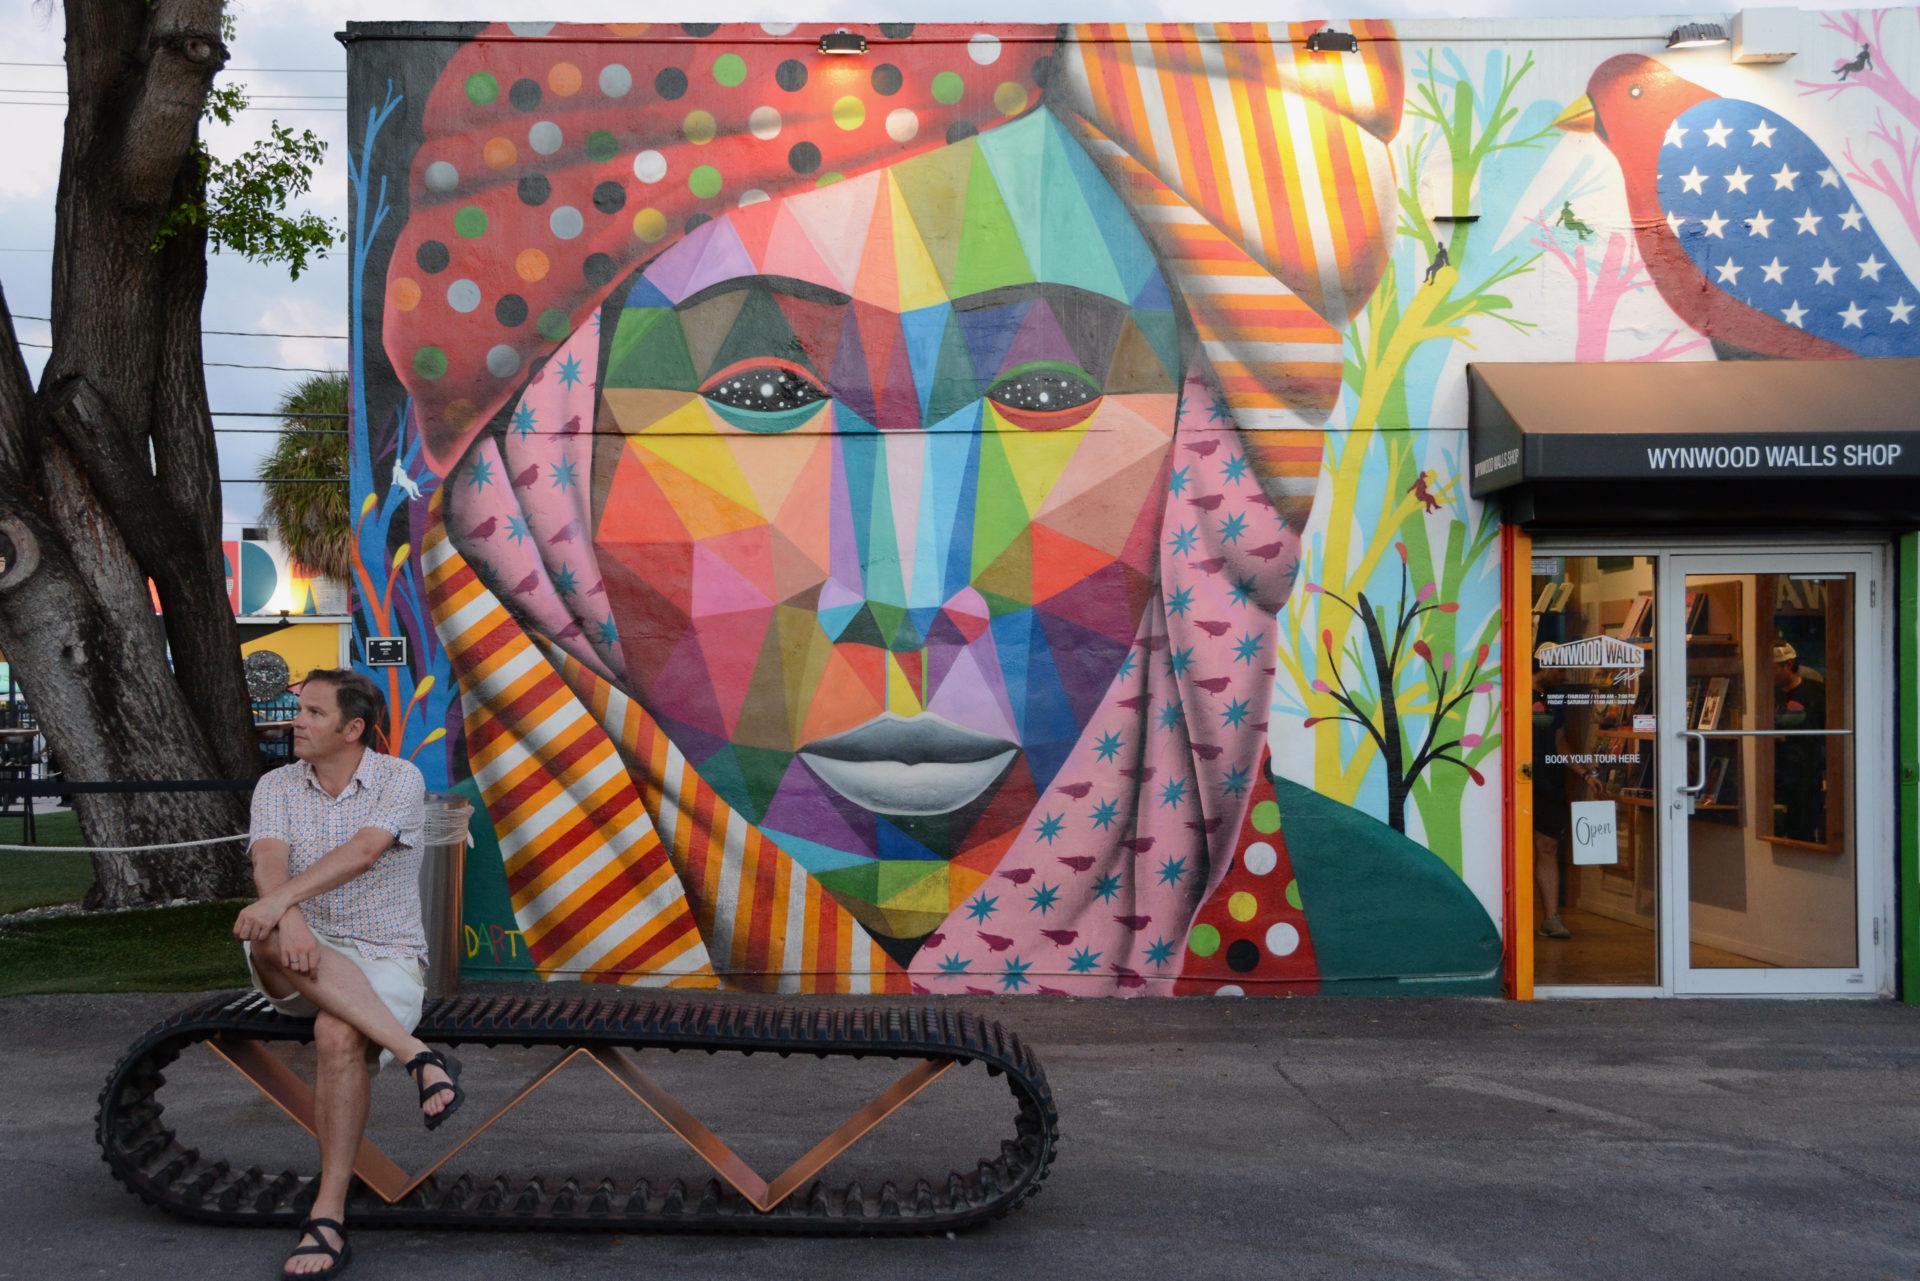 Autor Ralf Johnen vor einem Mural in Wynwood, Miami